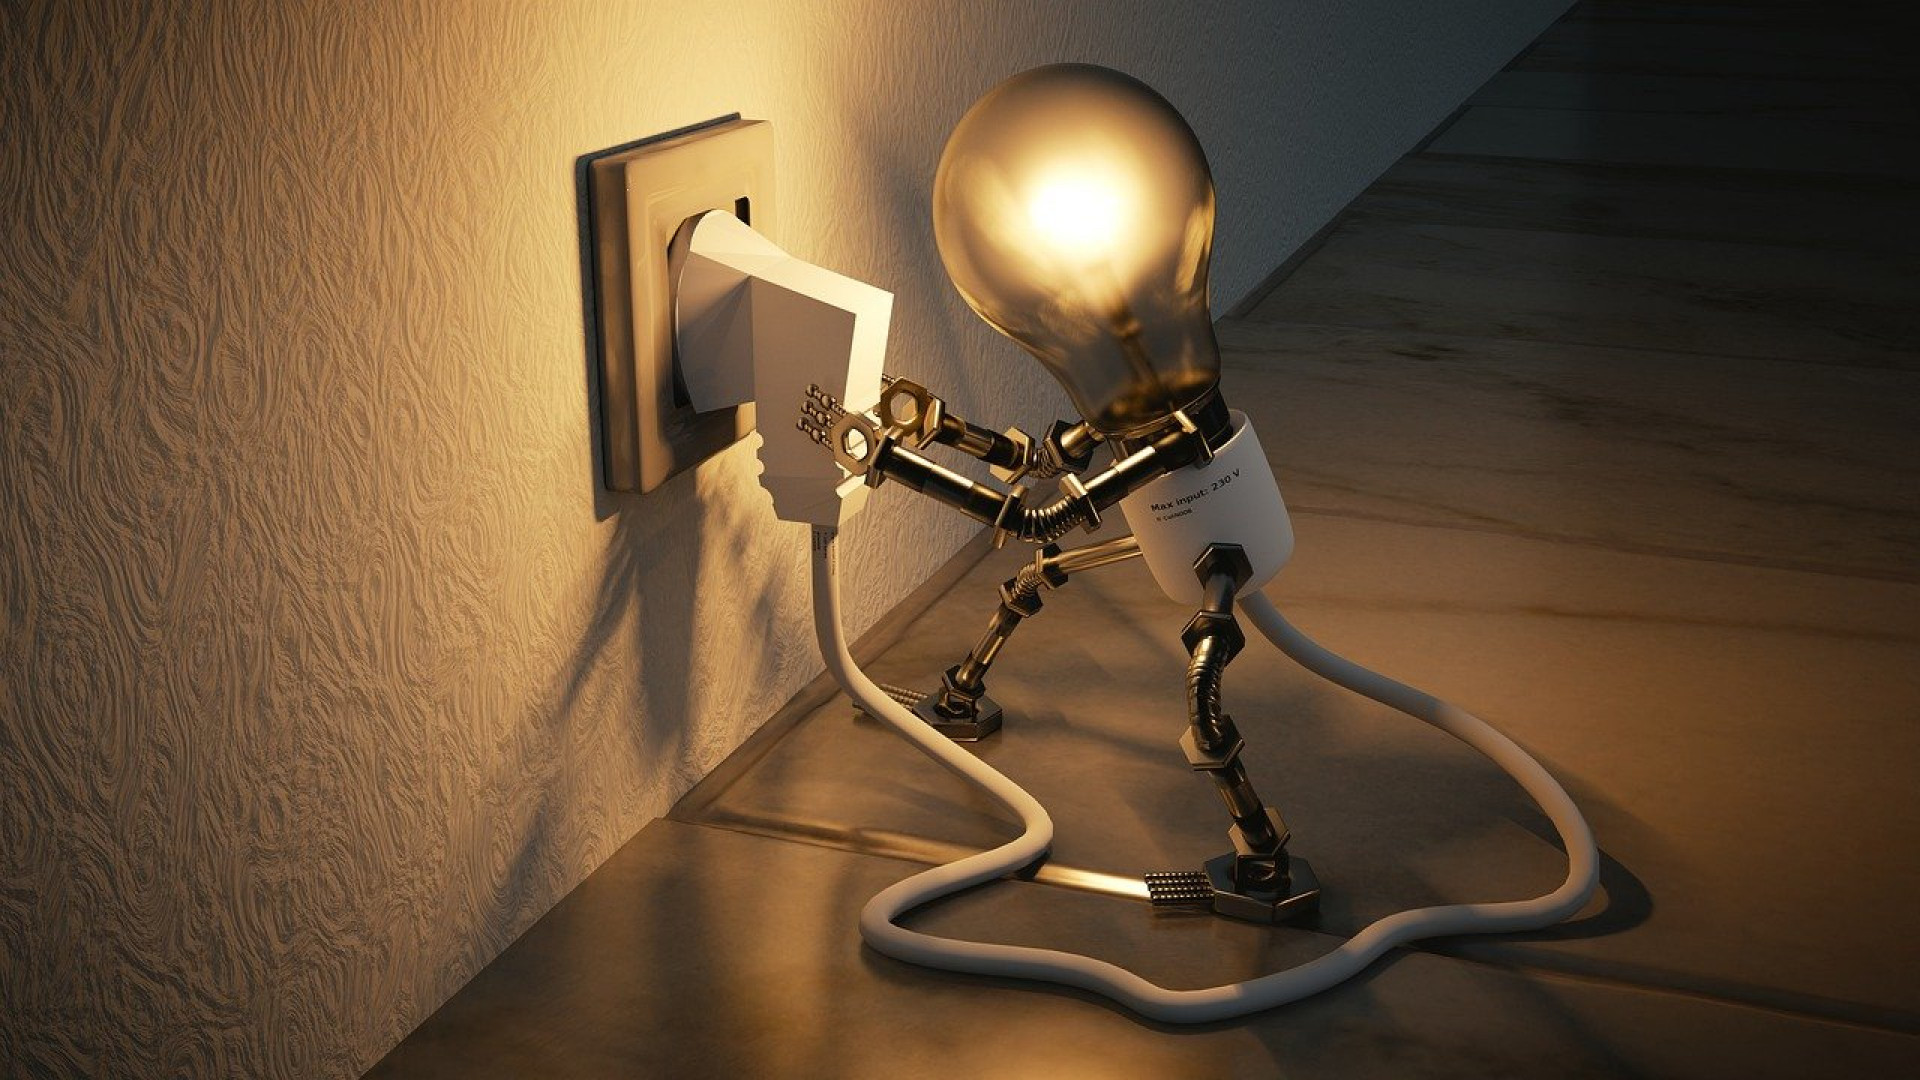 Comment choisir son fournisseur d'électricité professionnel ?